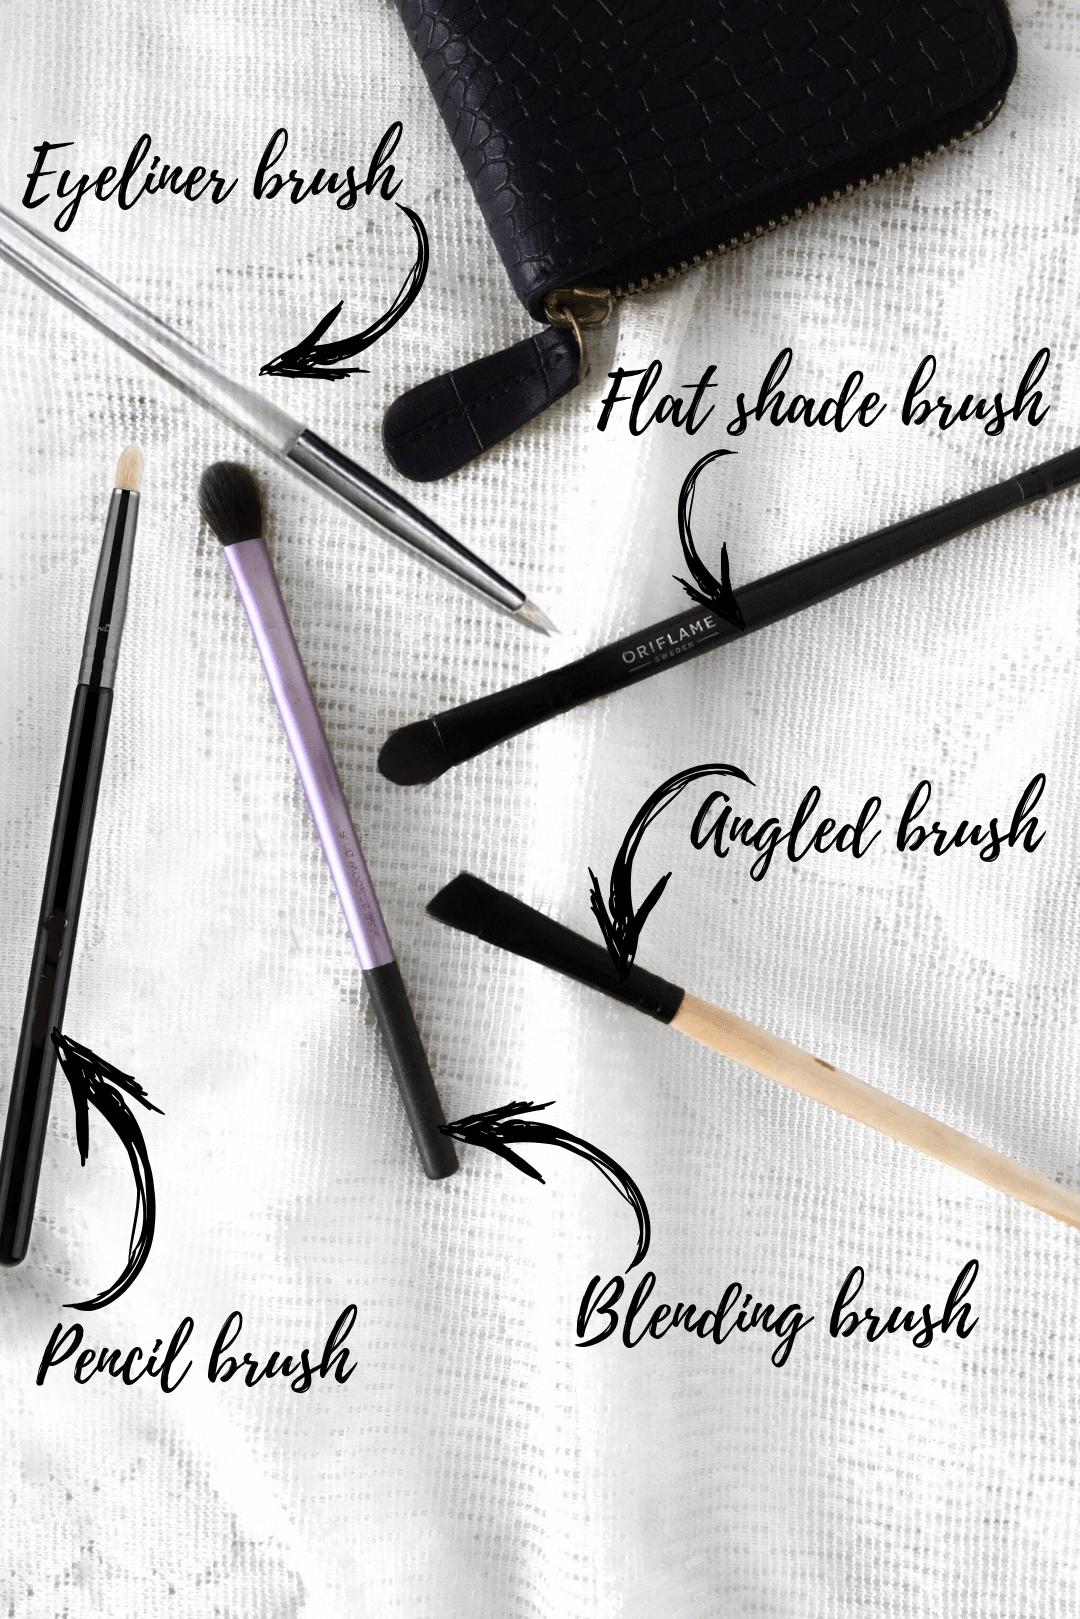 List of Essential eye makeup brushes like eyeshadow